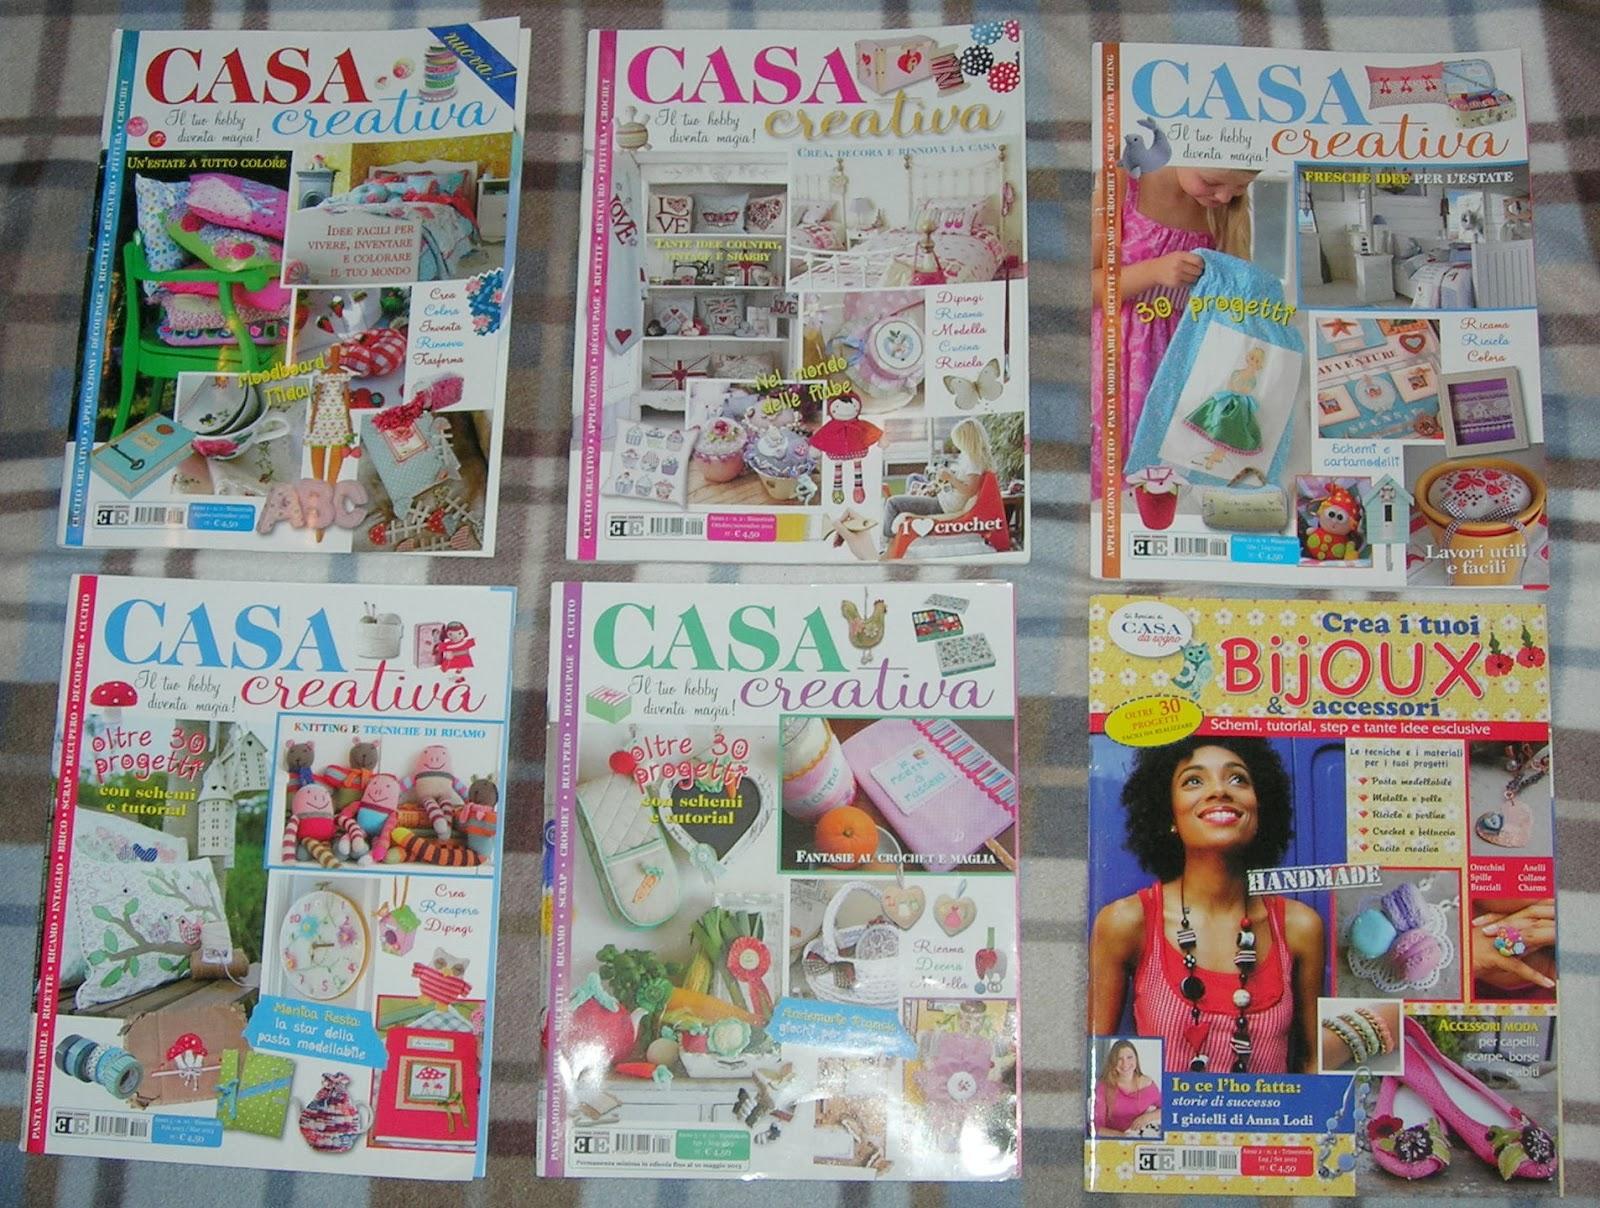 765affe60e02 Possiedo tantissime riviste creative e data la mancanza di spazio